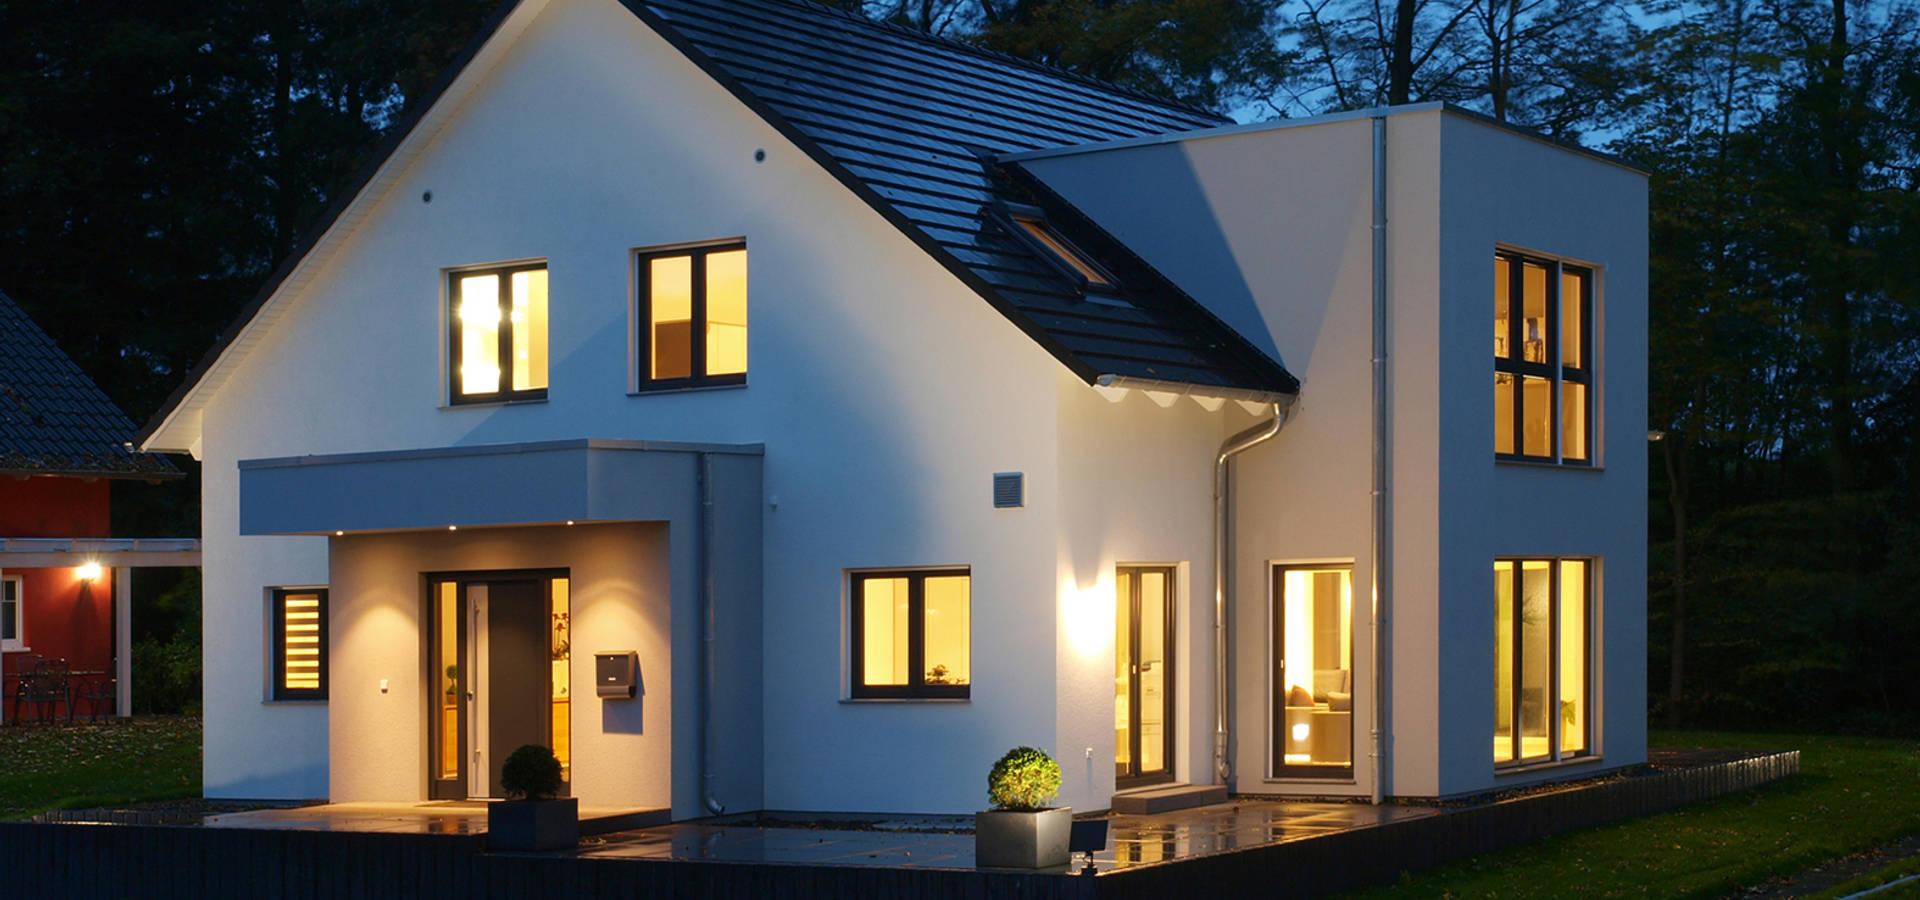 neues schwabenhaus musterhaus in bad vilbel ein euro energie plus haus von schwabenhaus gmbh. Black Bedroom Furniture Sets. Home Design Ideas